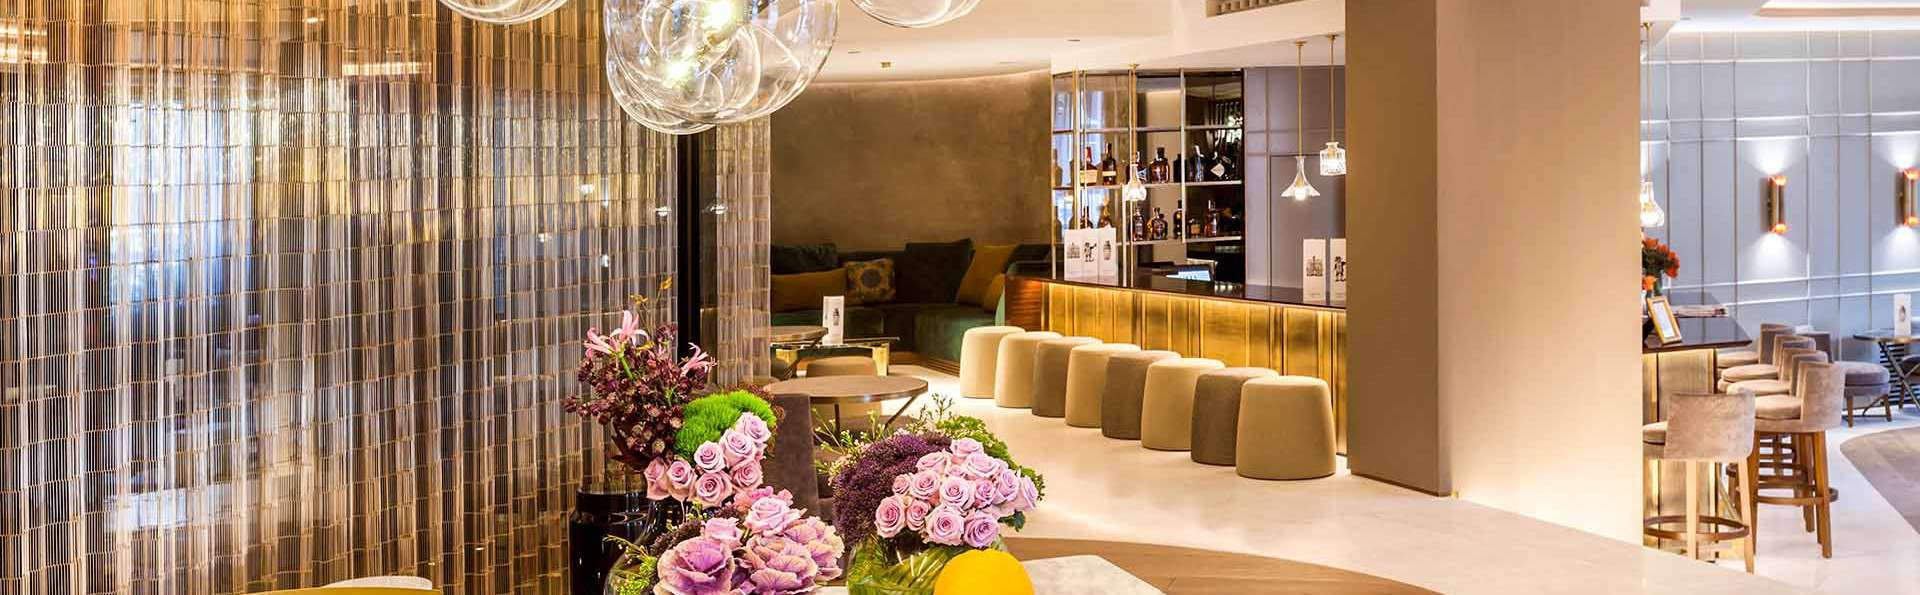 Cena en un lujoso hotel de 5* en el barrio Salamanca de Madrid (desde 2 noches)